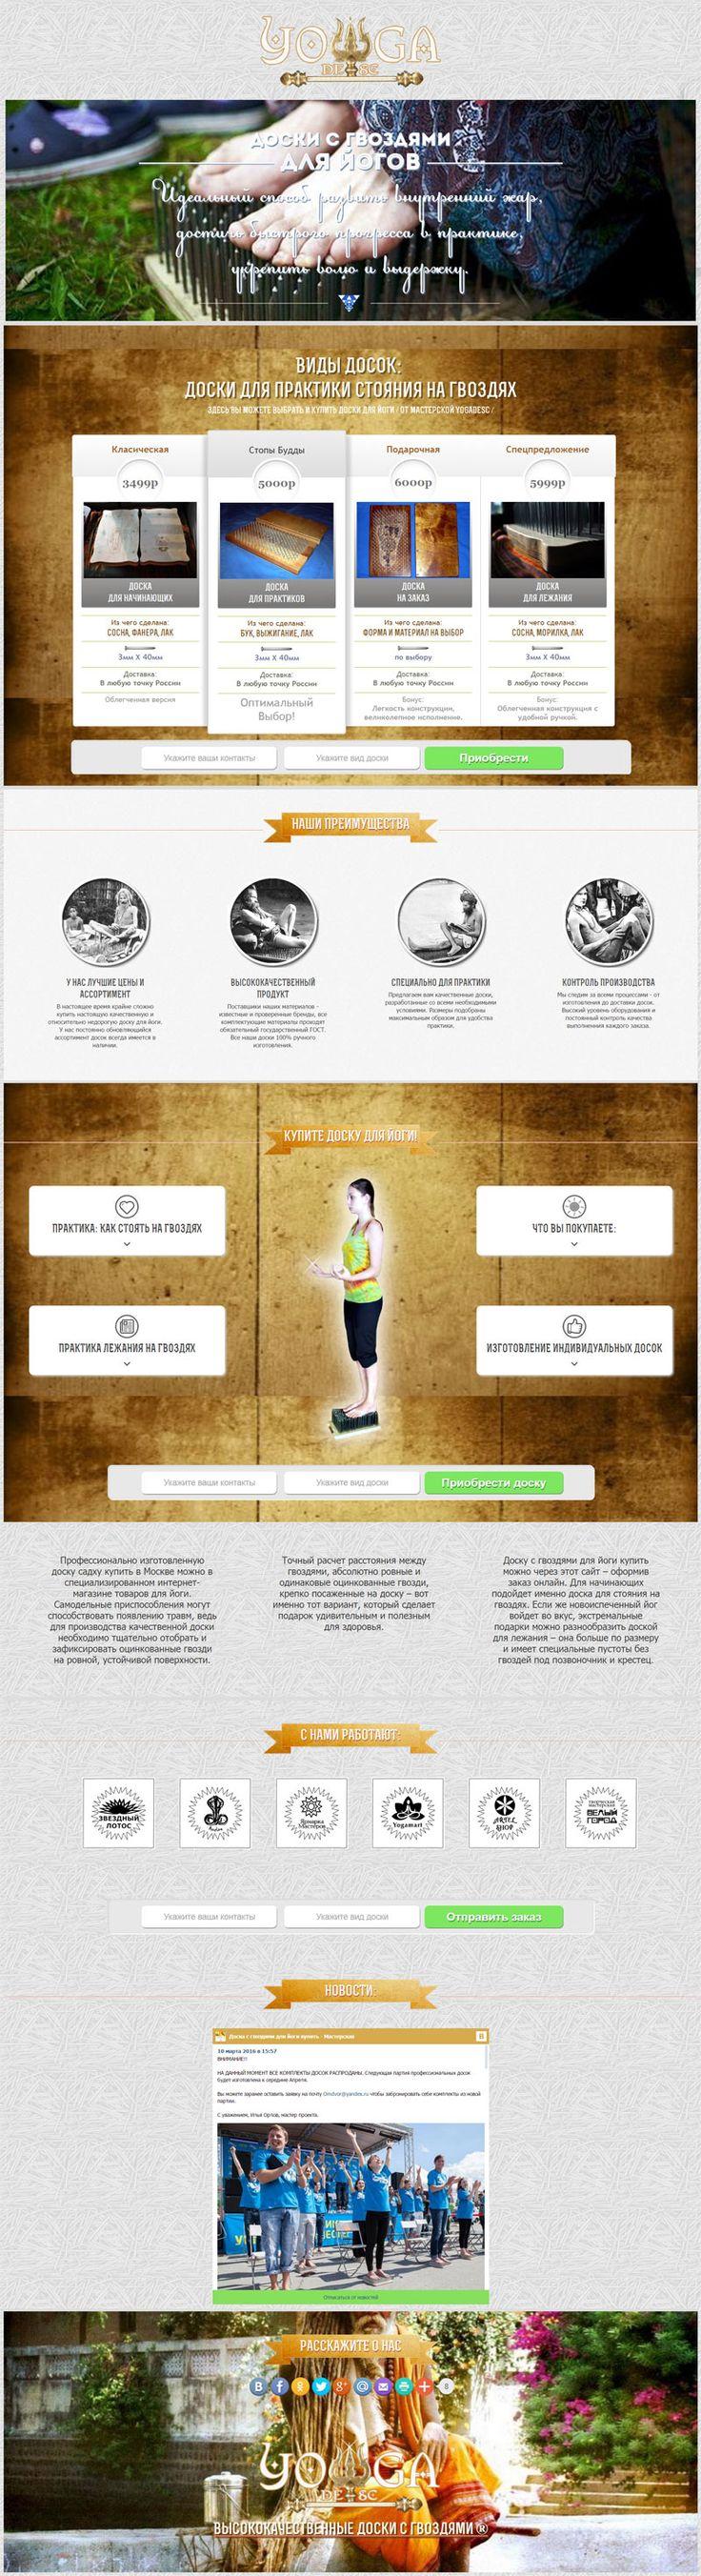 Сайт Yogadesc» Дизайн, верстка, программирование, наполнение и поддержка сайта - Oldesign.ru/portfolio